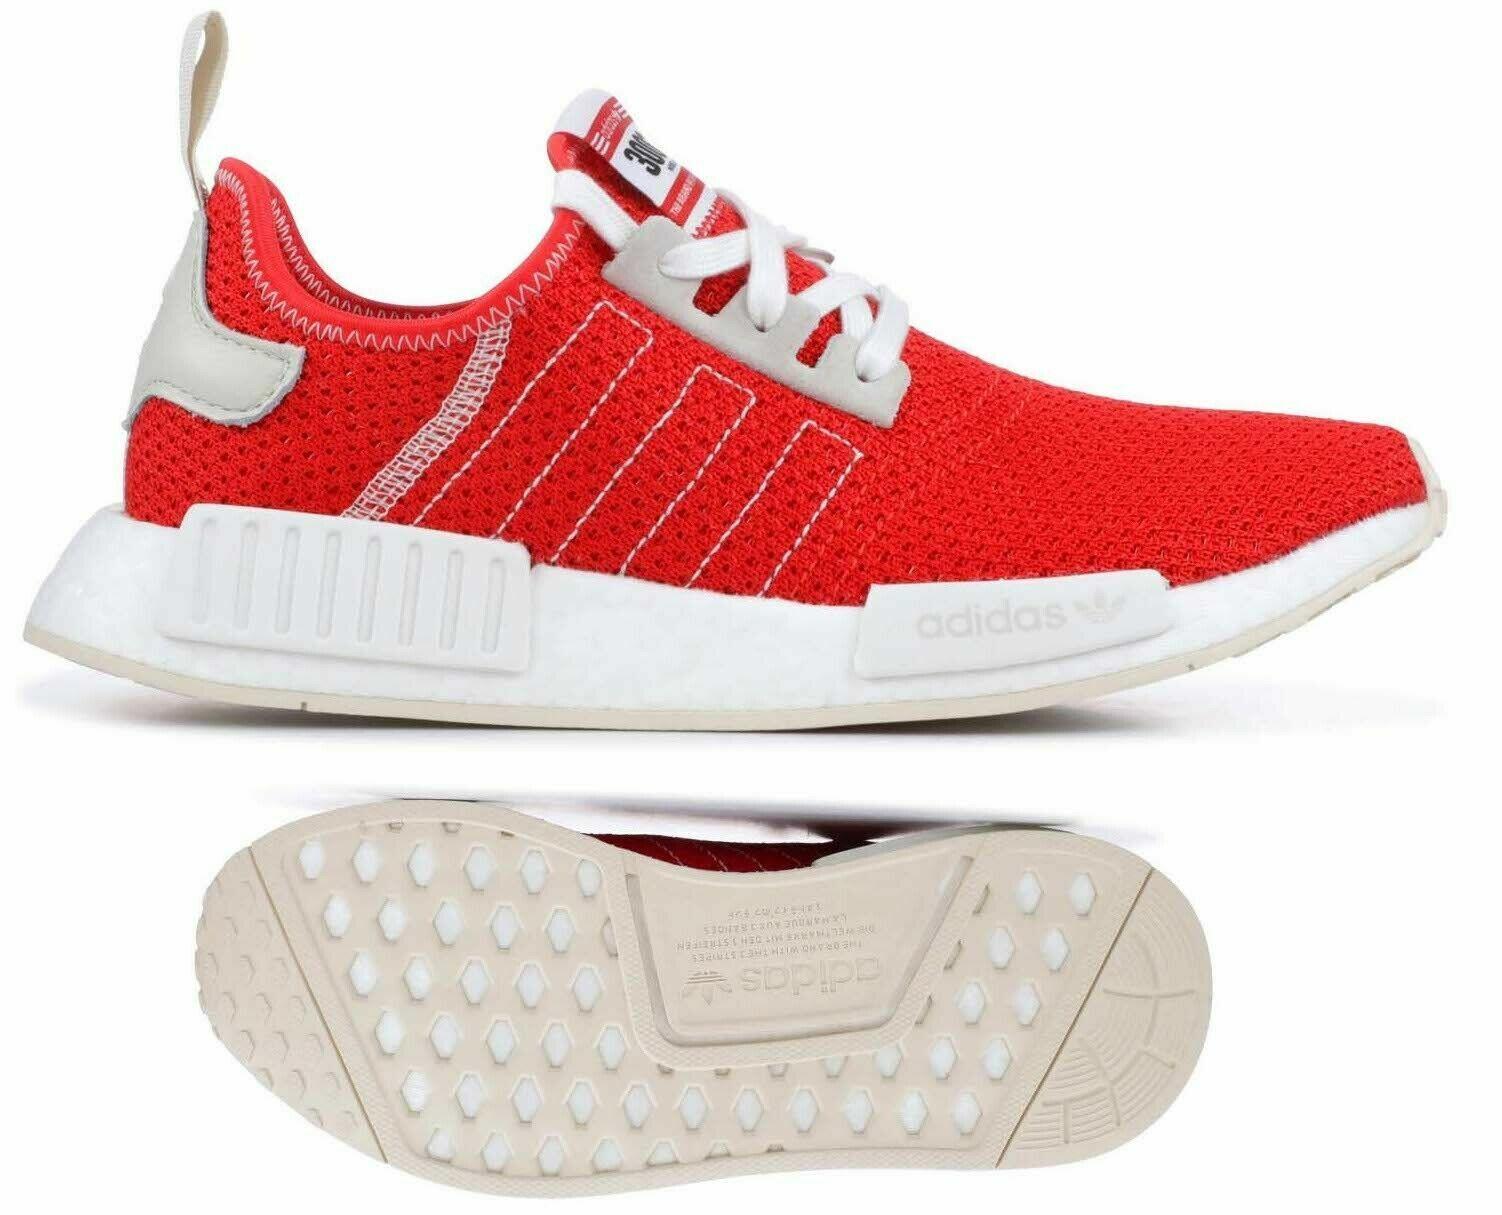 Nuovi adidas NMD R1 Mens scarpe da  ginnastica bianca tutte le taglie  prezzi eccellenti